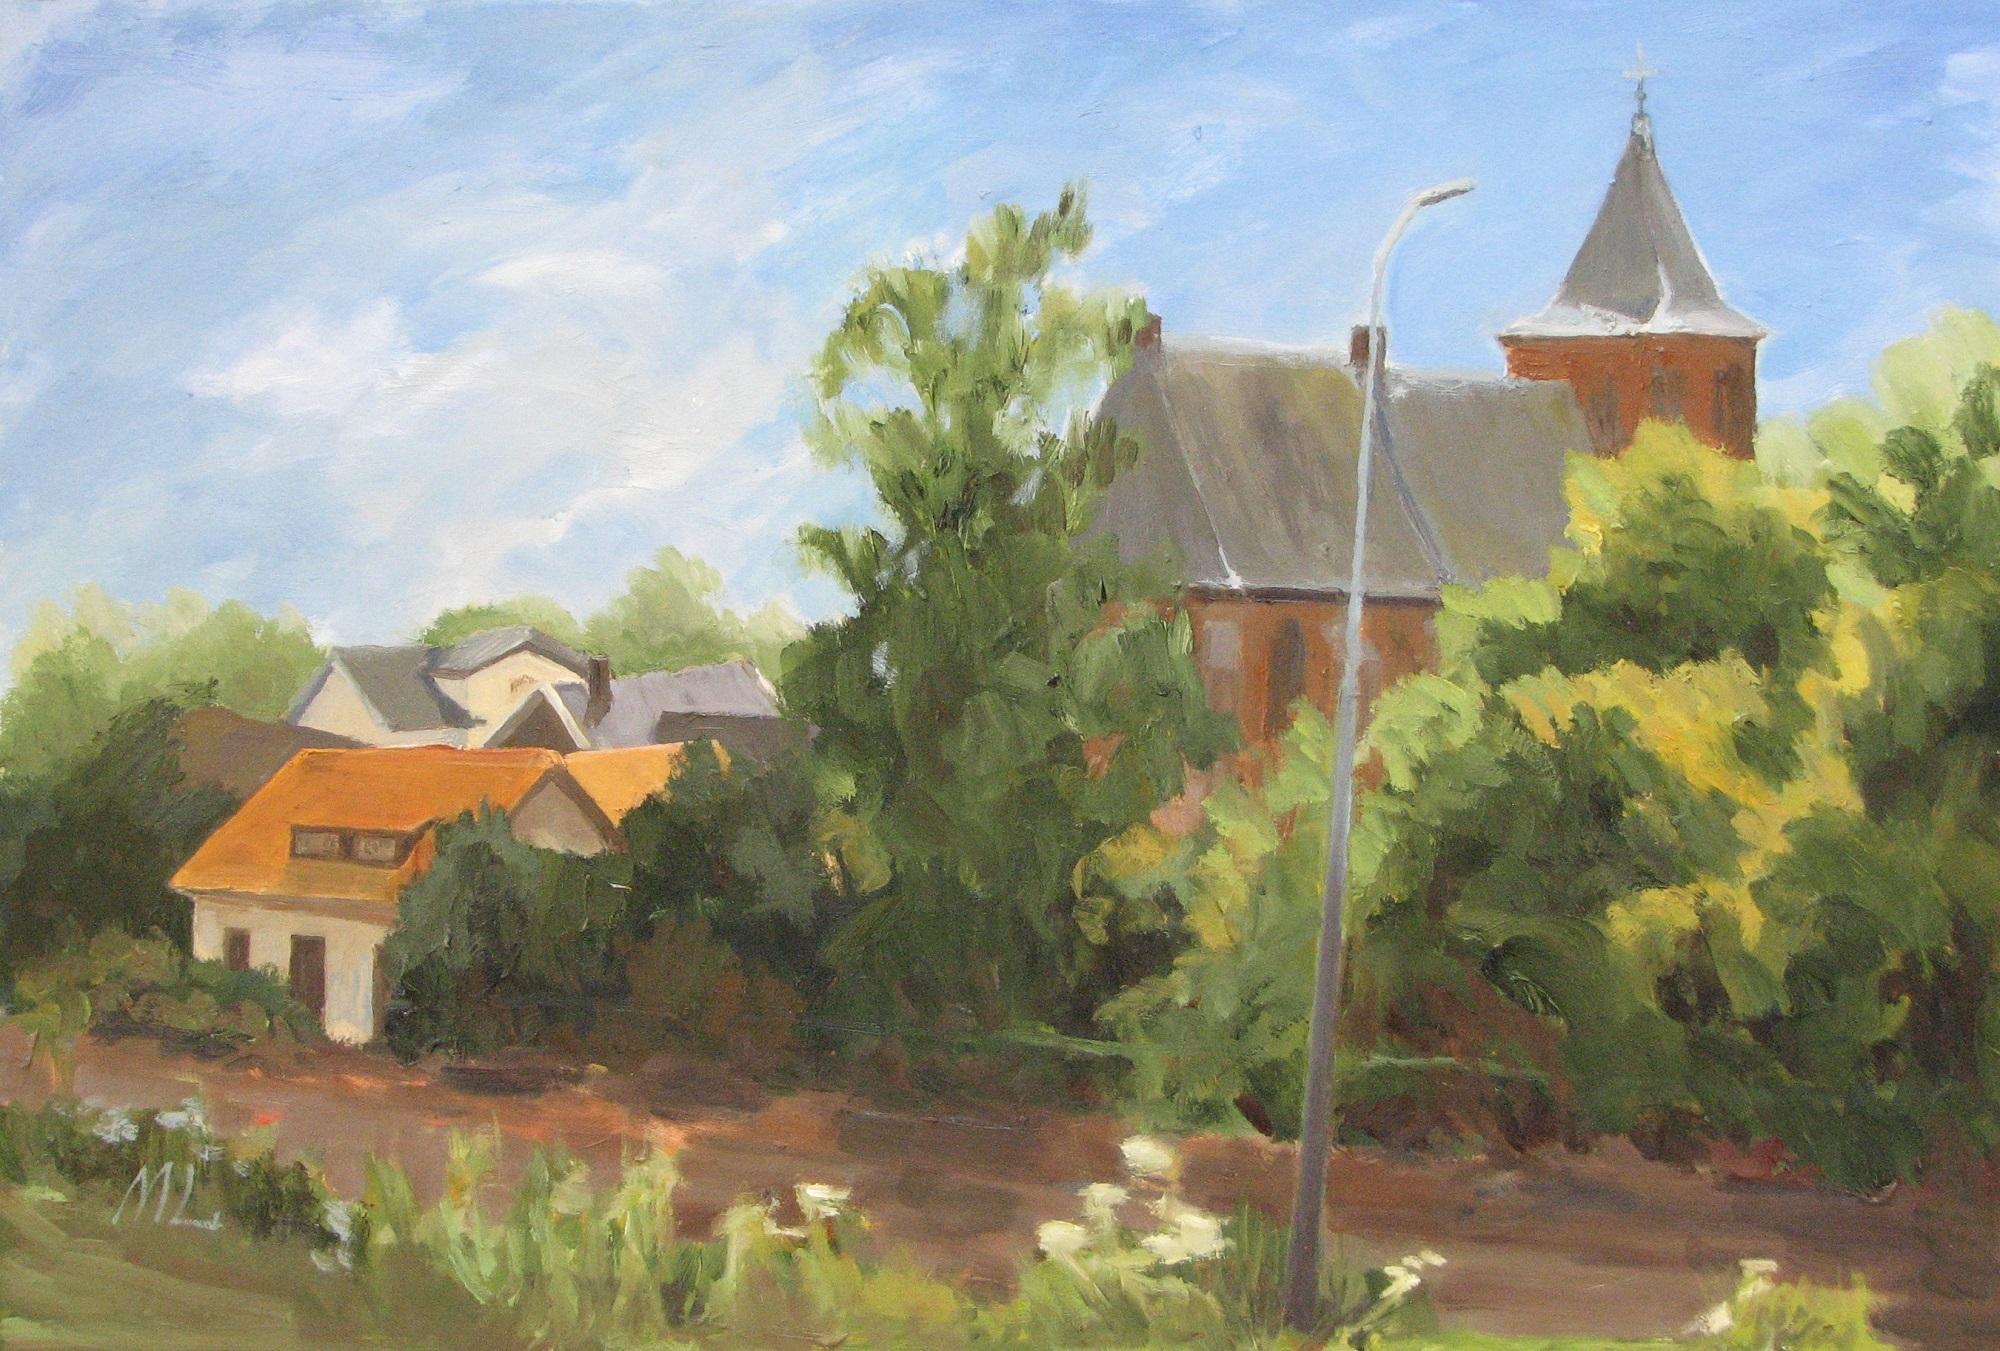 Expositie schilderijen van Marieke Laverman in de Werenfried-kerk.